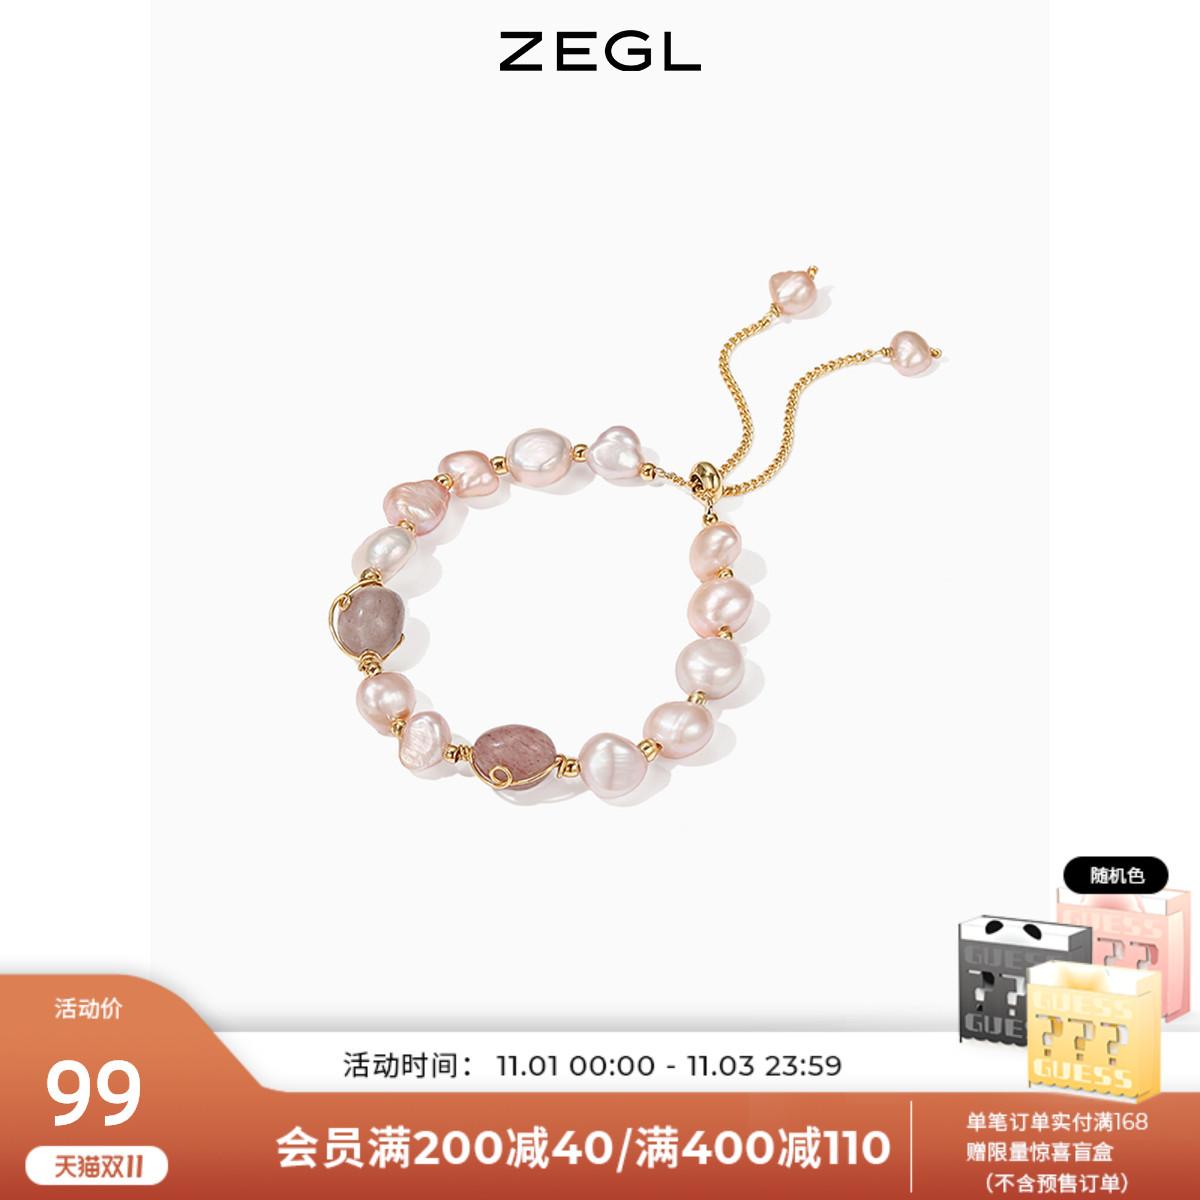 ZEGL巴洛克异形珍珠手链女ins小众设计轻奢高级感复古串珠手饰品